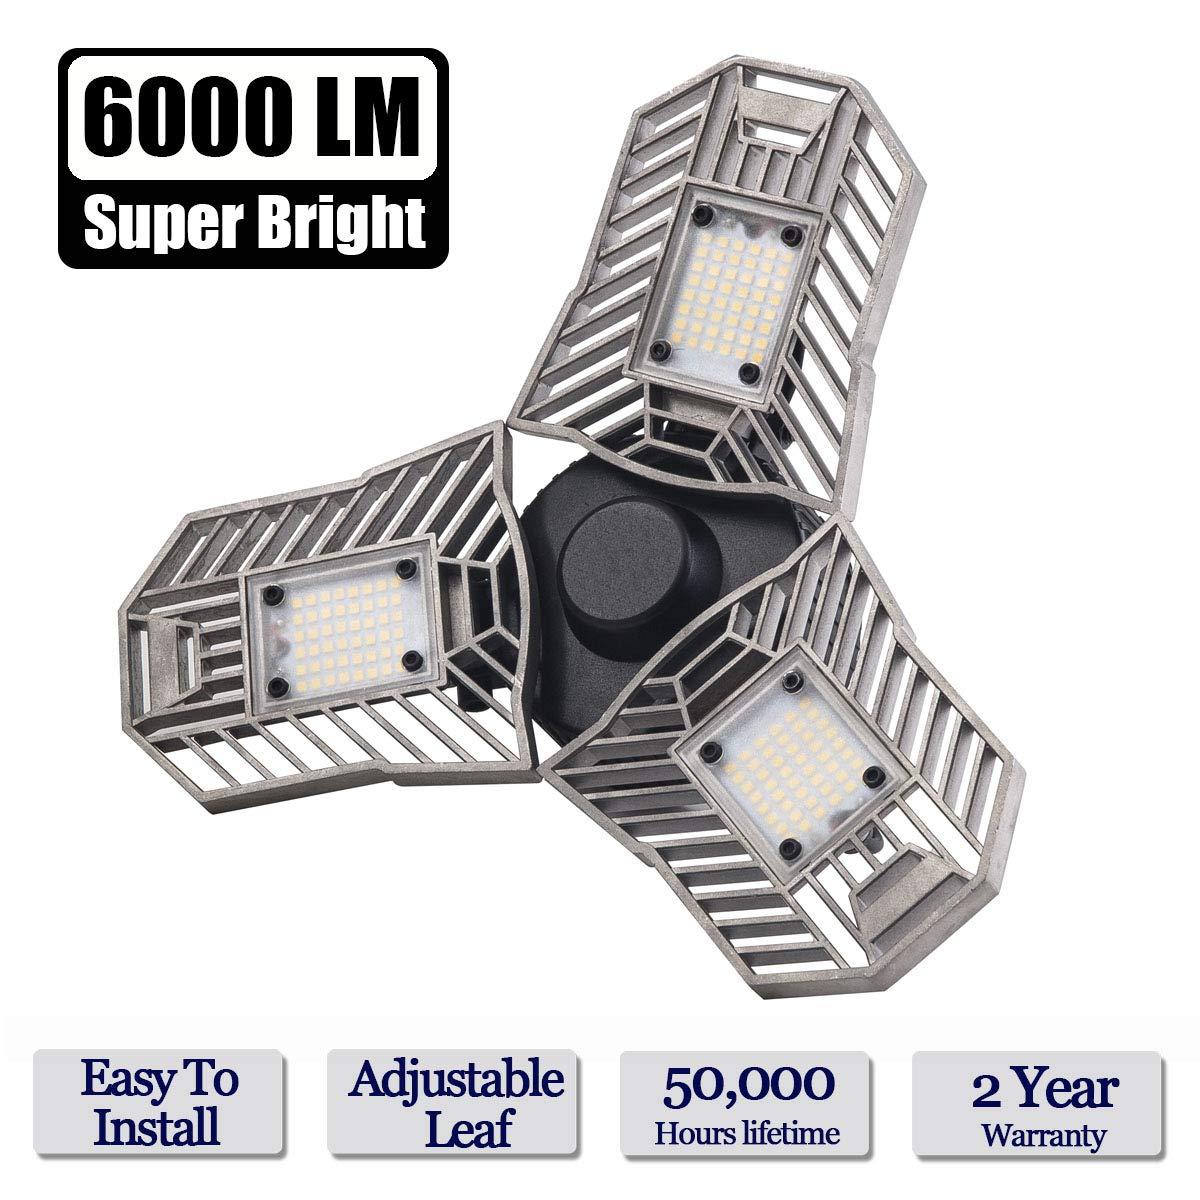 LED Garage Lights, 60W E26/E27 6000LM Deformable Ceiling Lighting for Full Area, LED Light Bulbs for Workshop, barn, Warehouse etc.